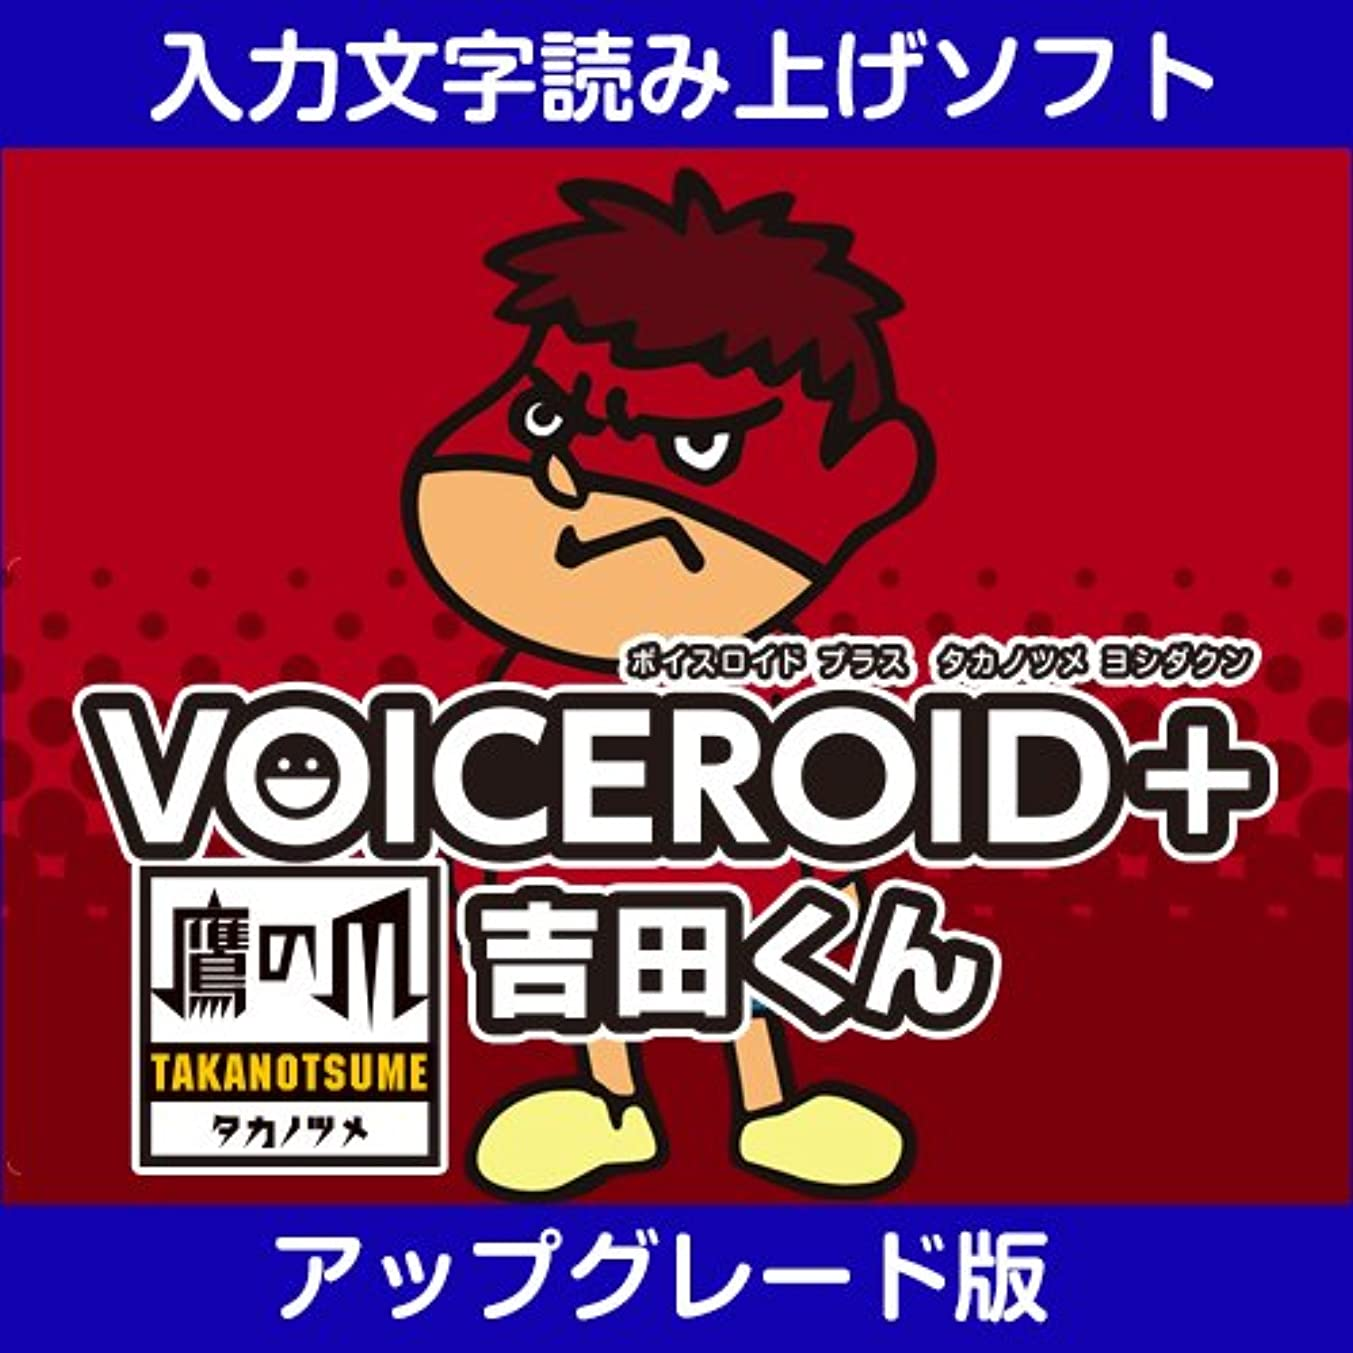 議題汚染する実行VOICEROID+ 鷹の爪 吉田くん アップグレード版 [ダウンロード]